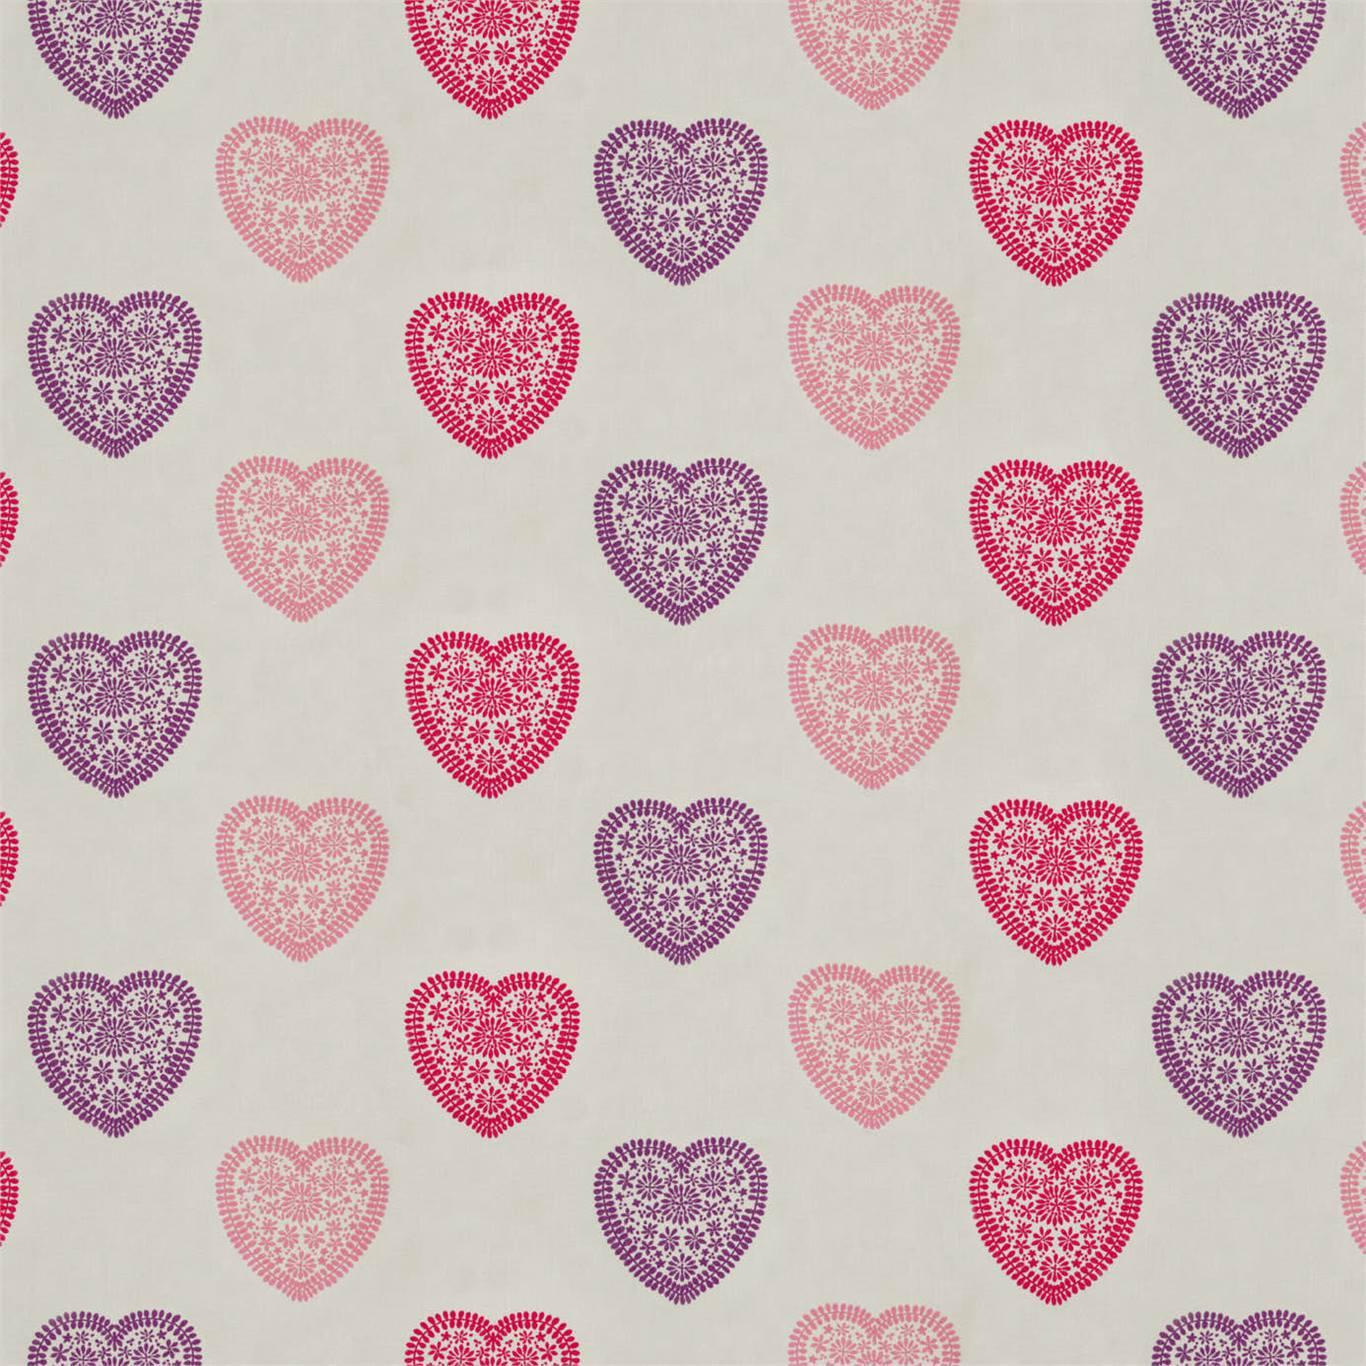 Sweet Heart by HAR